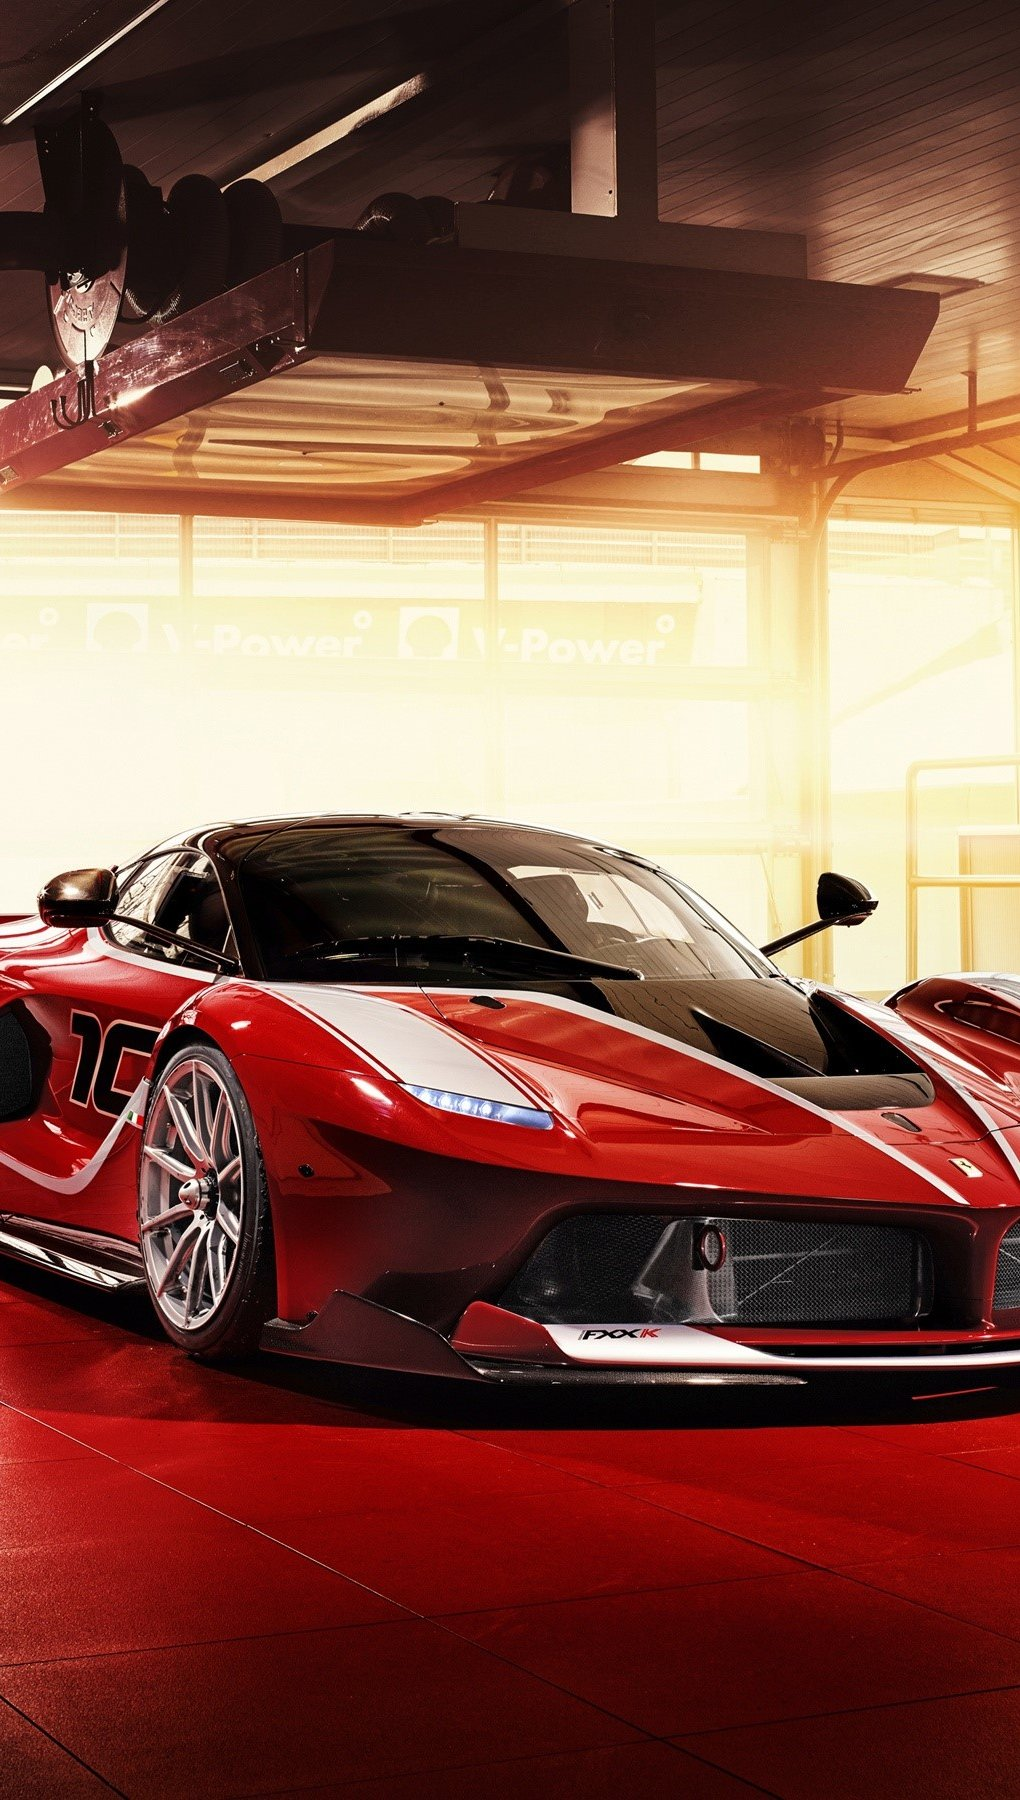 Fondos de pantalla Ferrari FXX K rojo Vertical